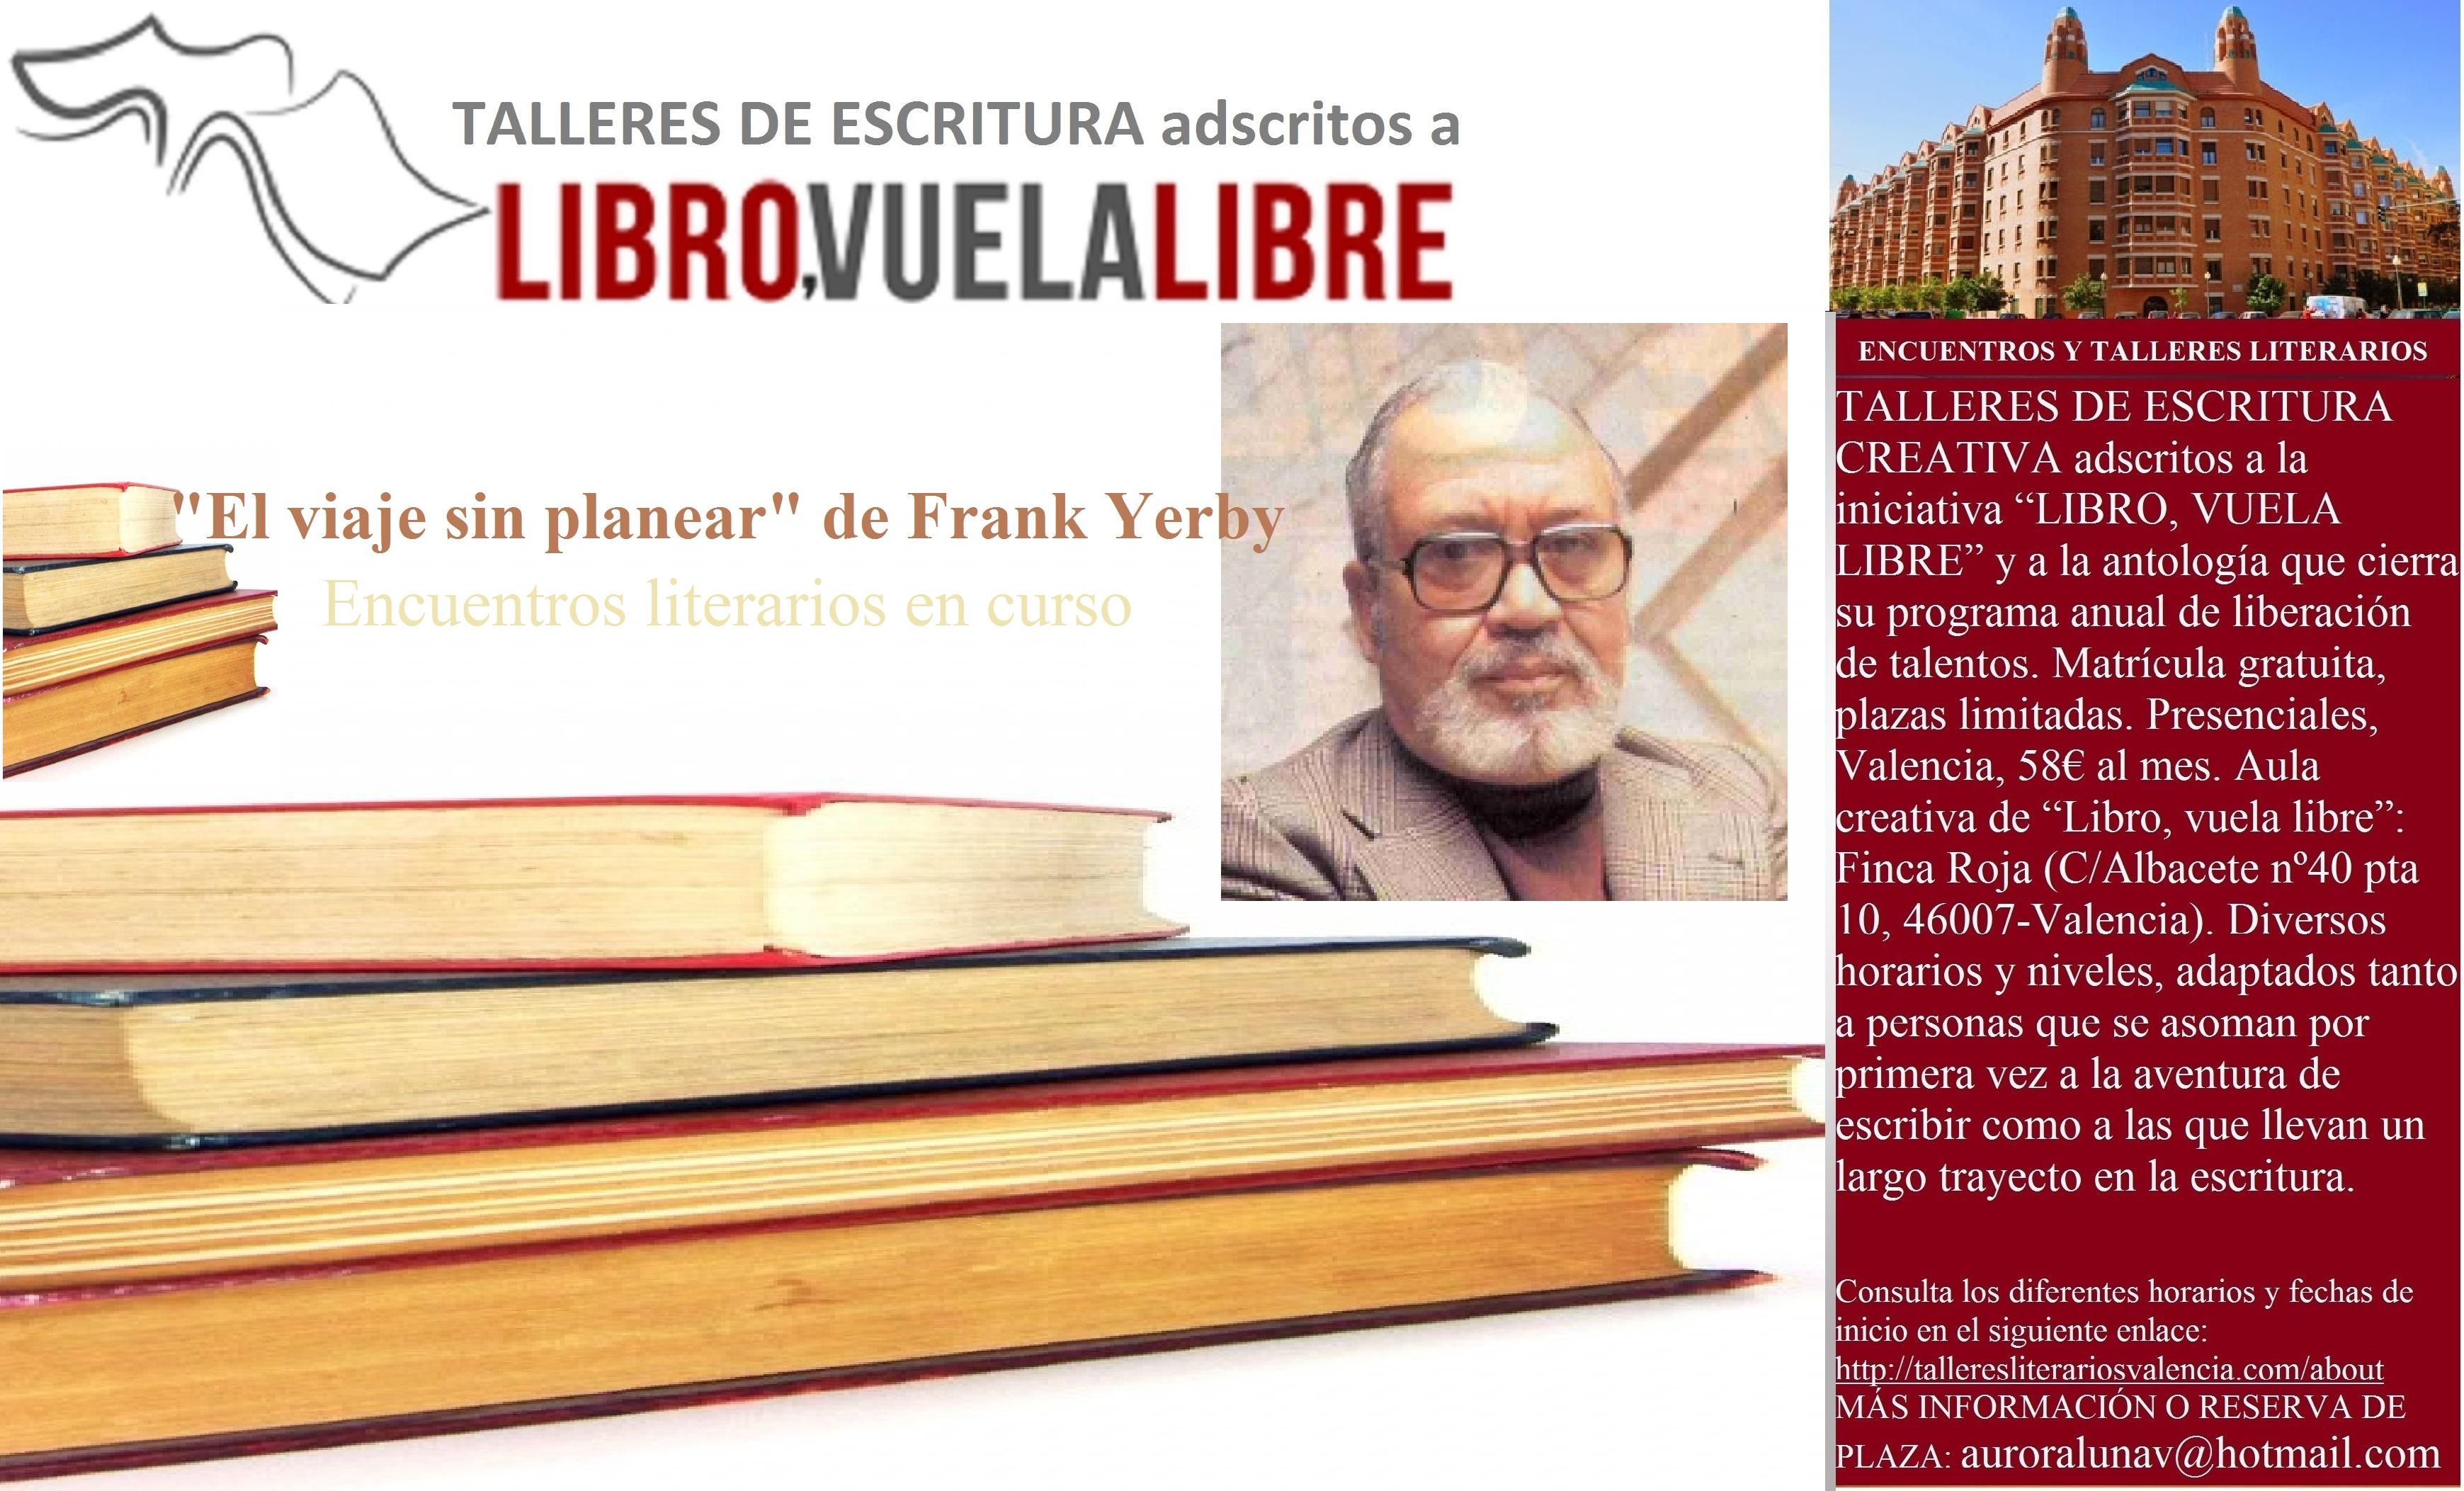 FRANK YERBY. Encuentros literarios del taller de escritura creativa en curso